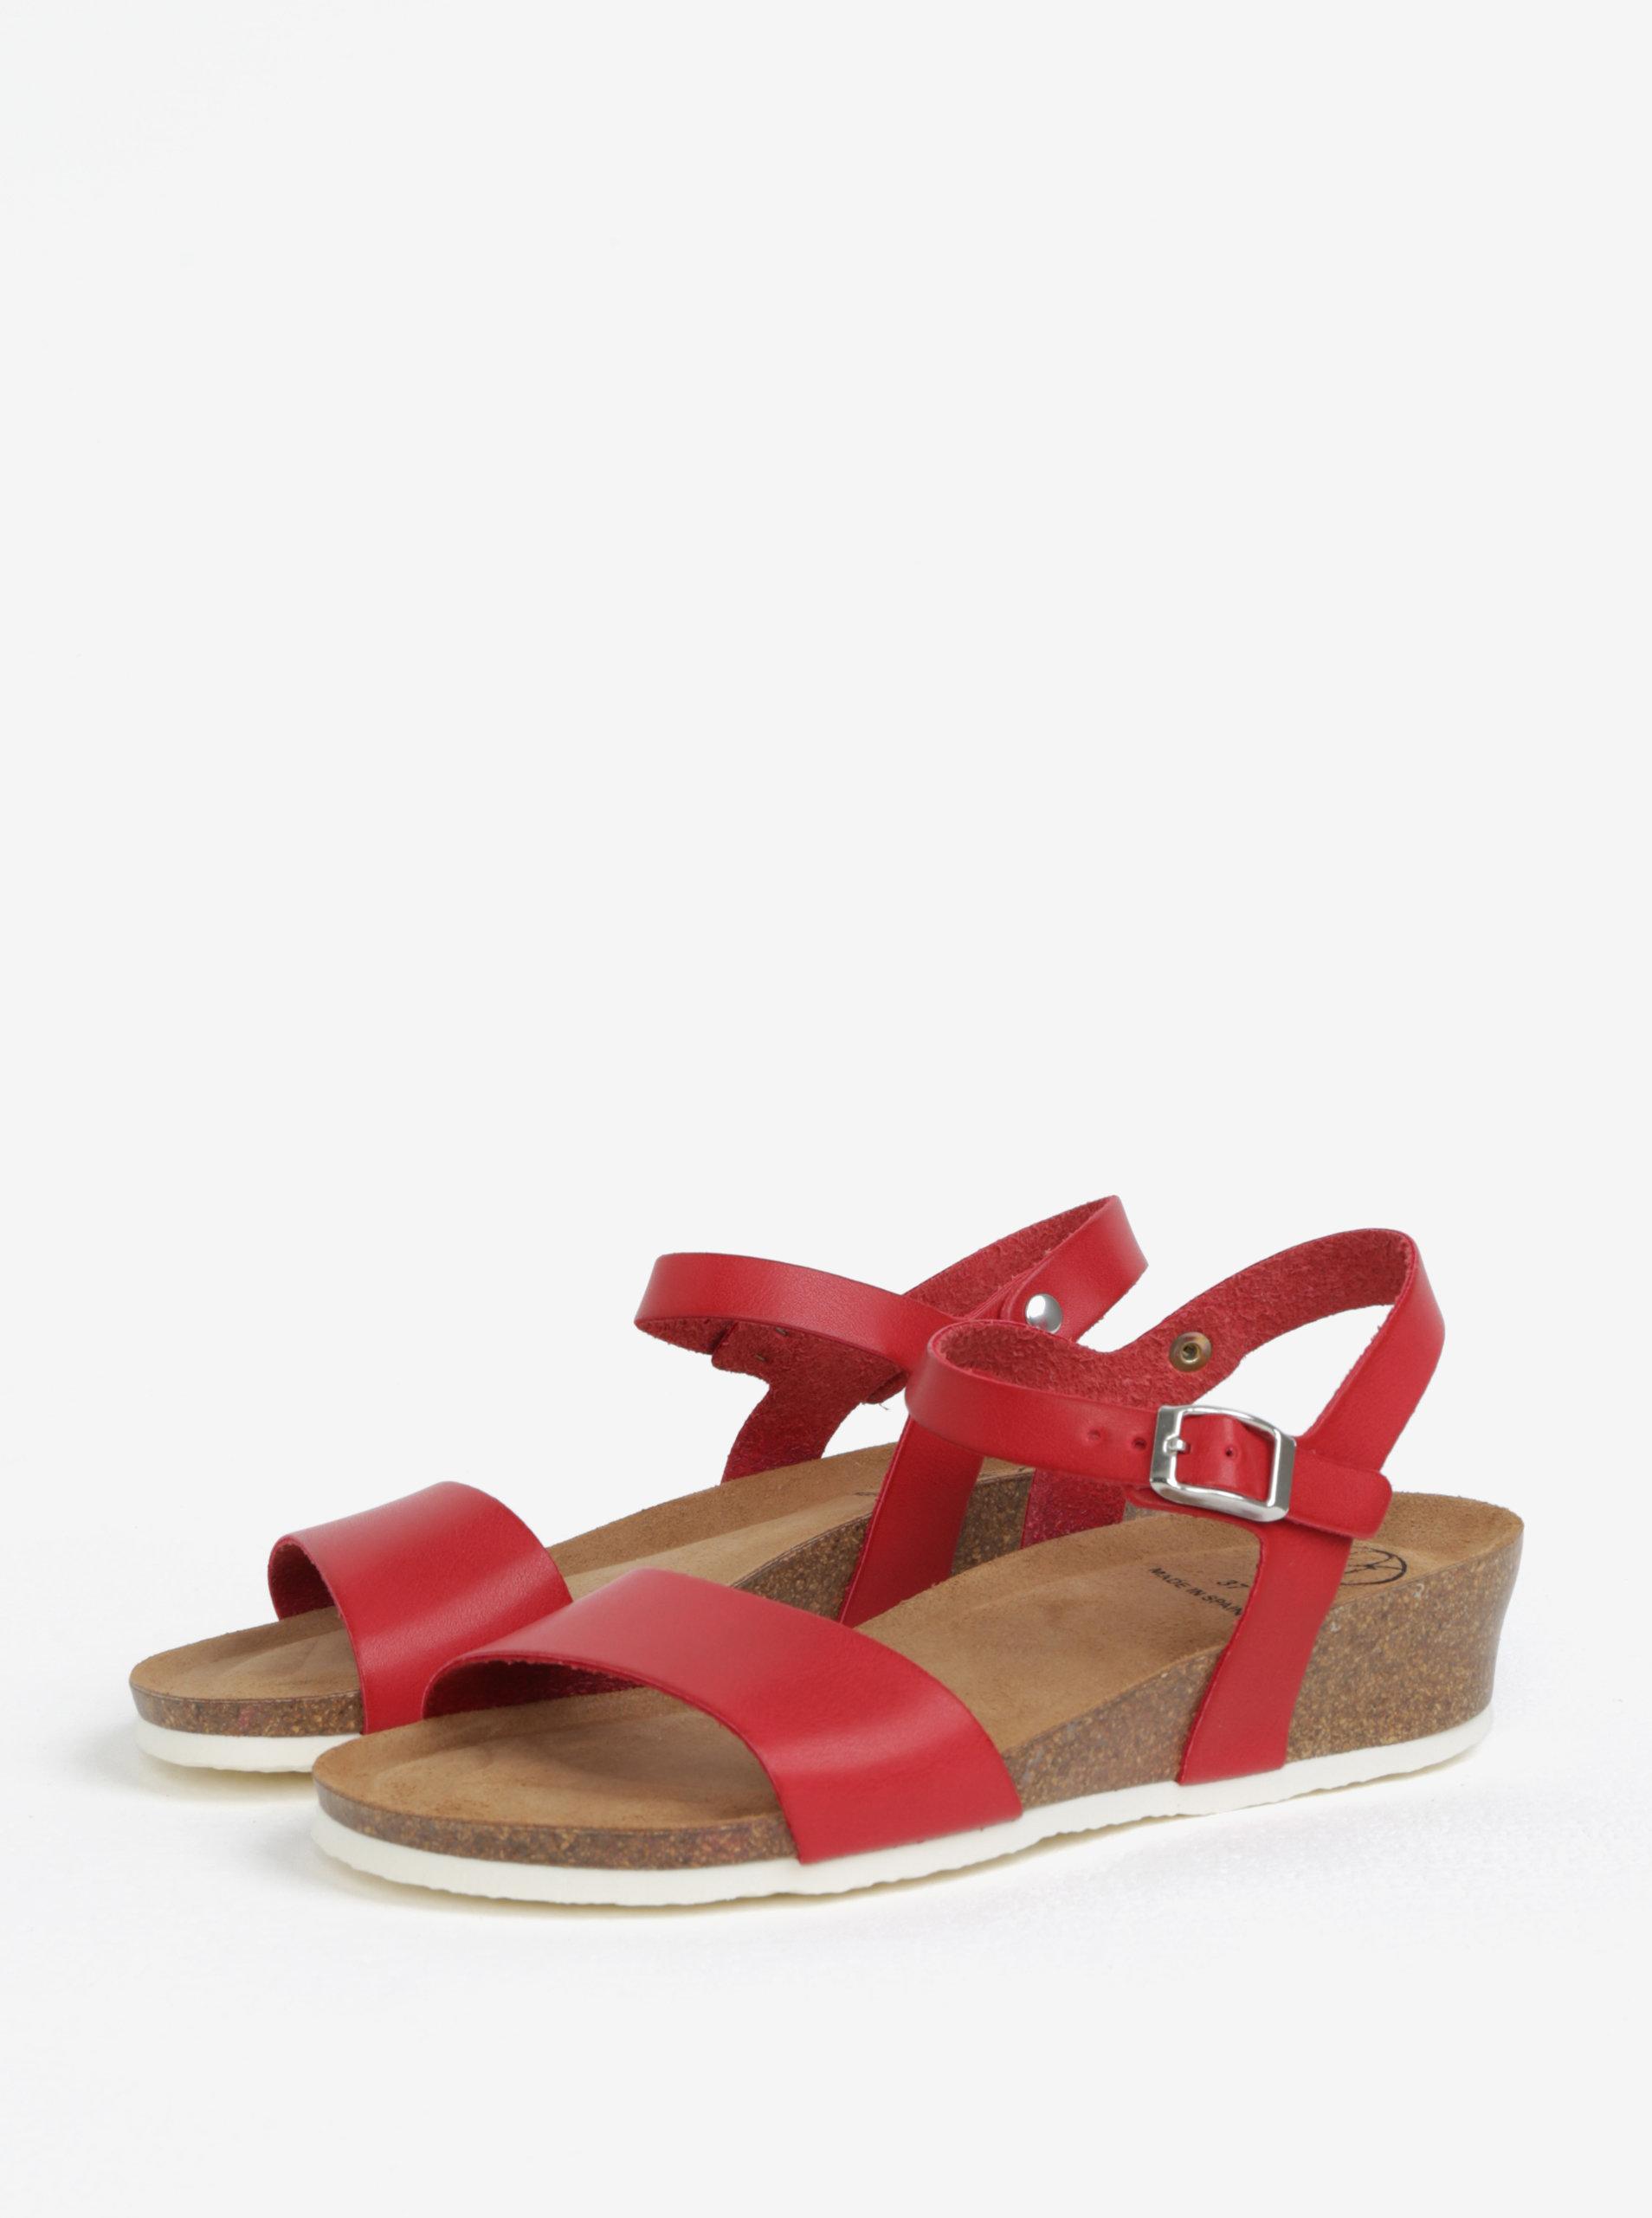 b2ad1ff52558 Červené sandály na klínku OJJU ...